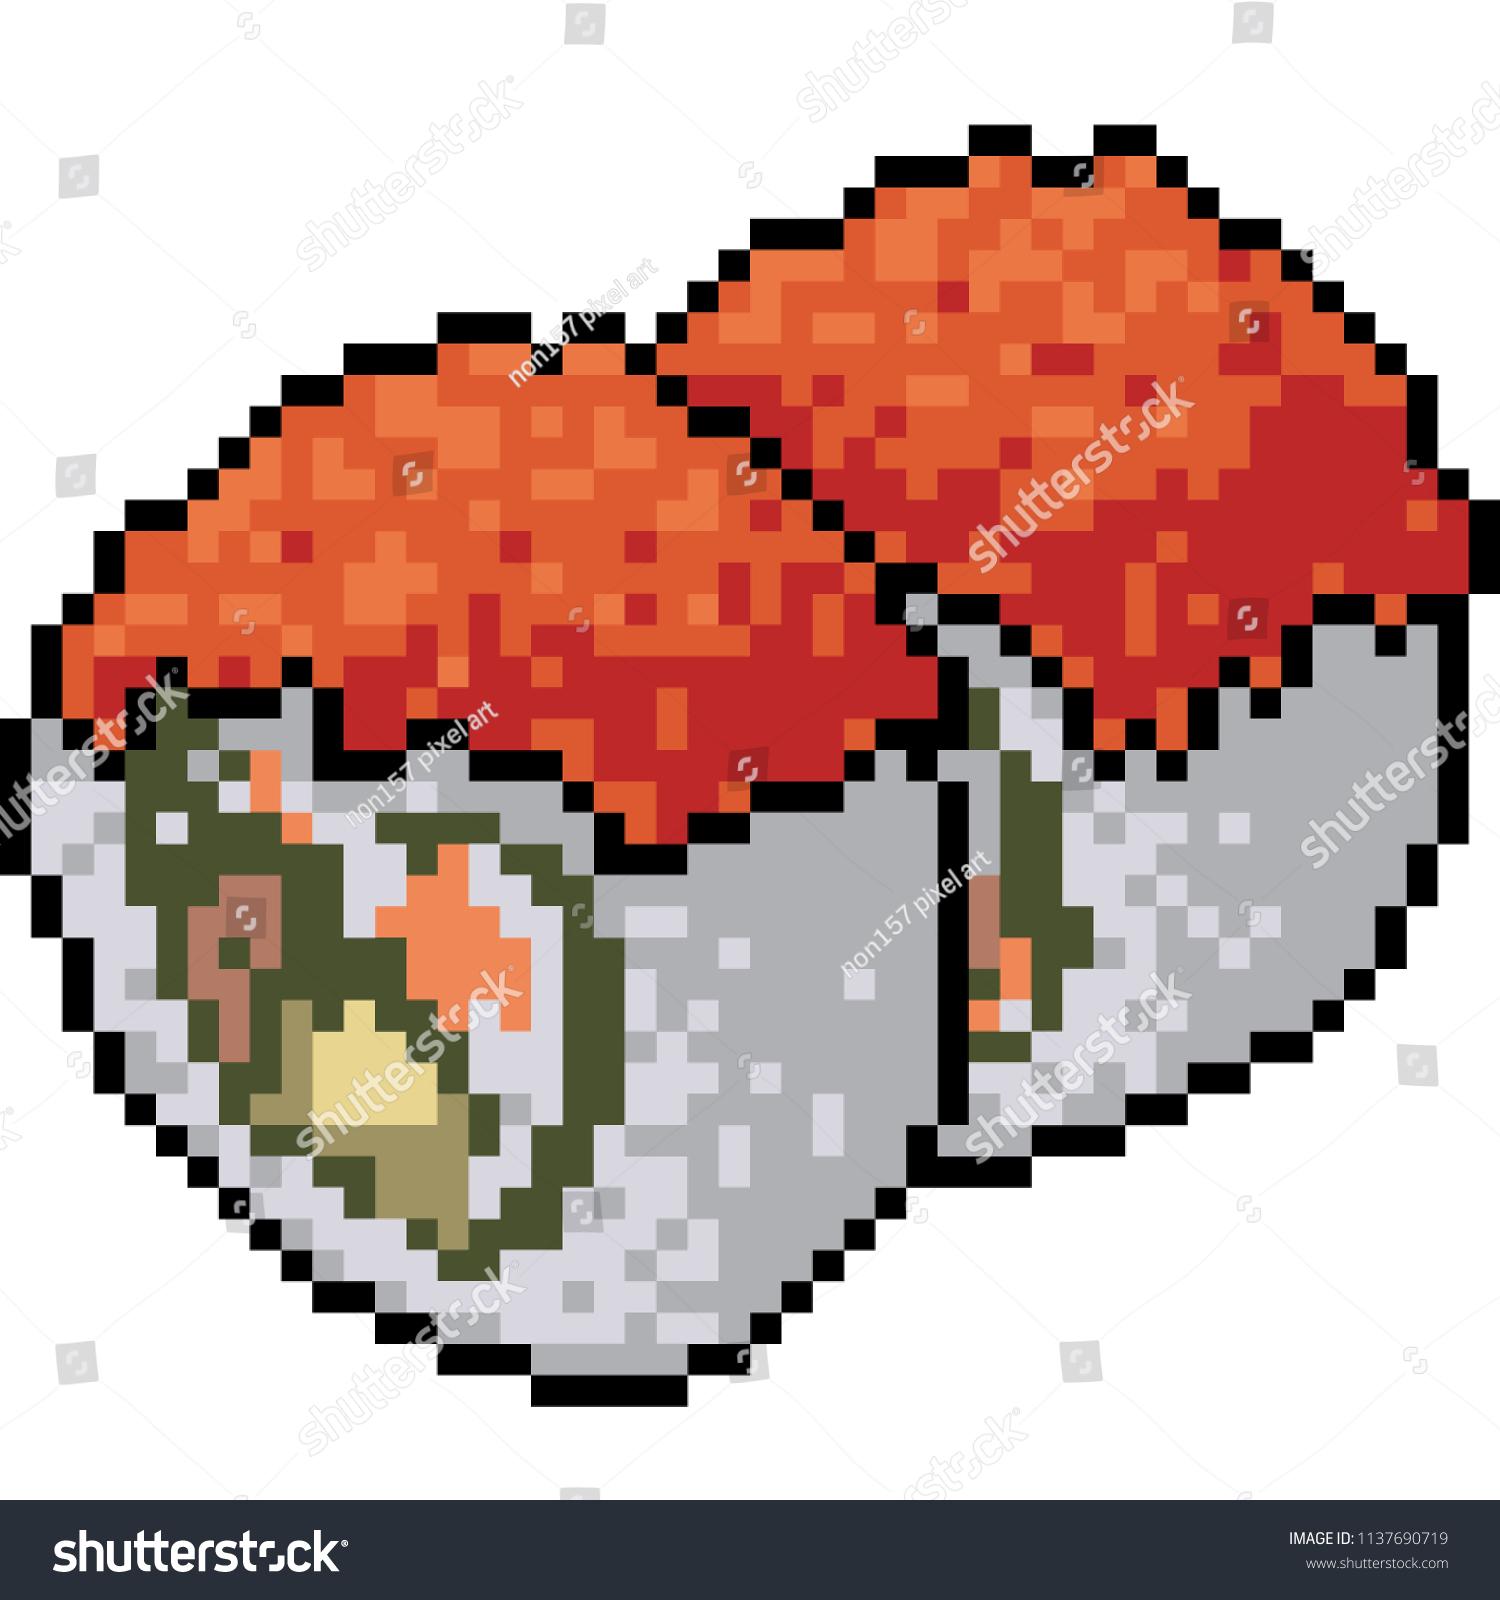 Vector De Stock Libre De Regalias Sobre Vector Pixel Art Sushi Restaurant Isolated1137690719